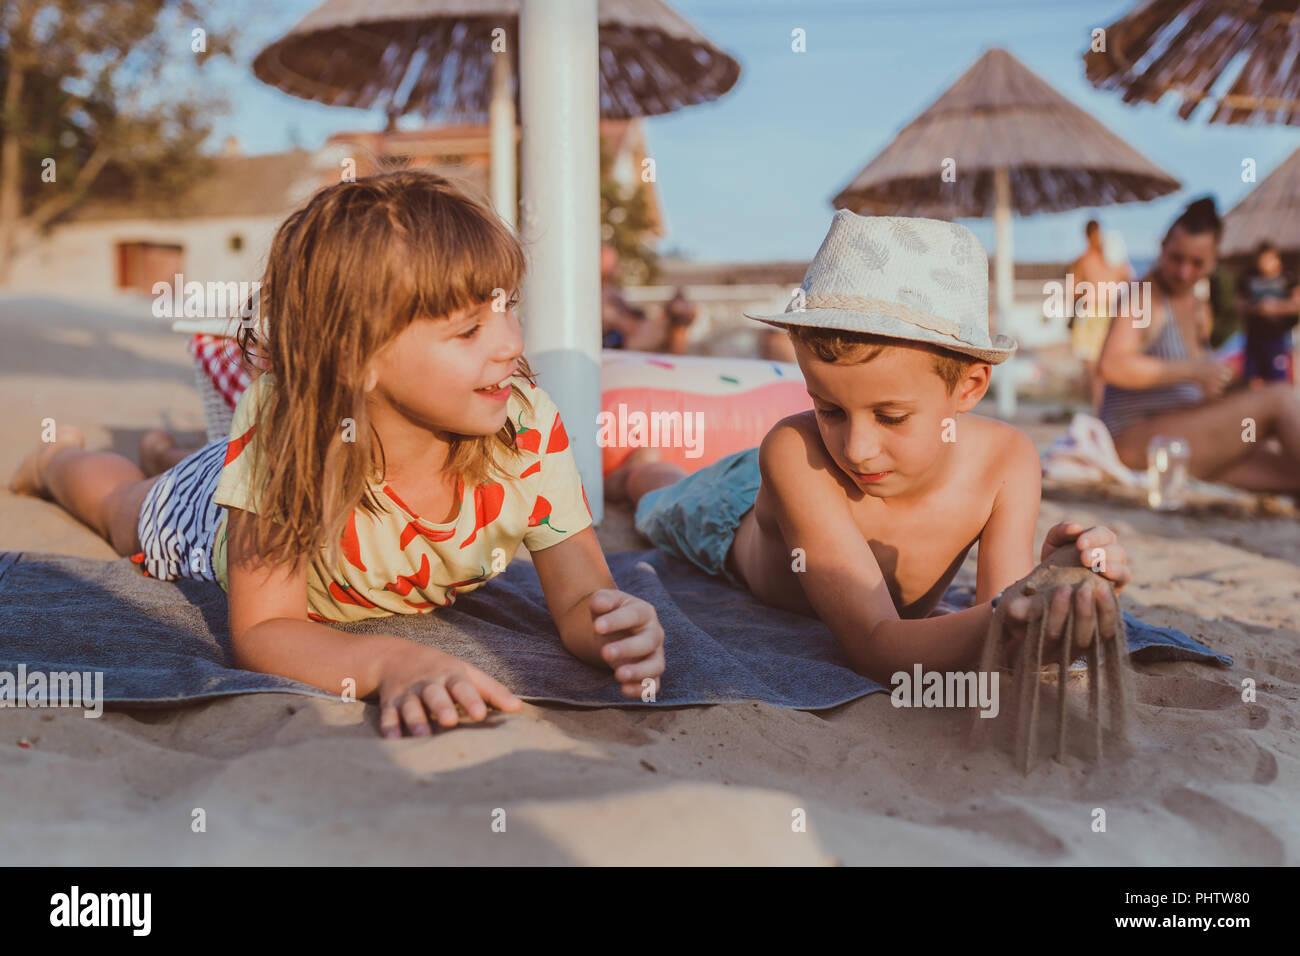 Felices los Niños positivos mentir sobre la toalla en la playa y jugar con arena Imagen De Stock